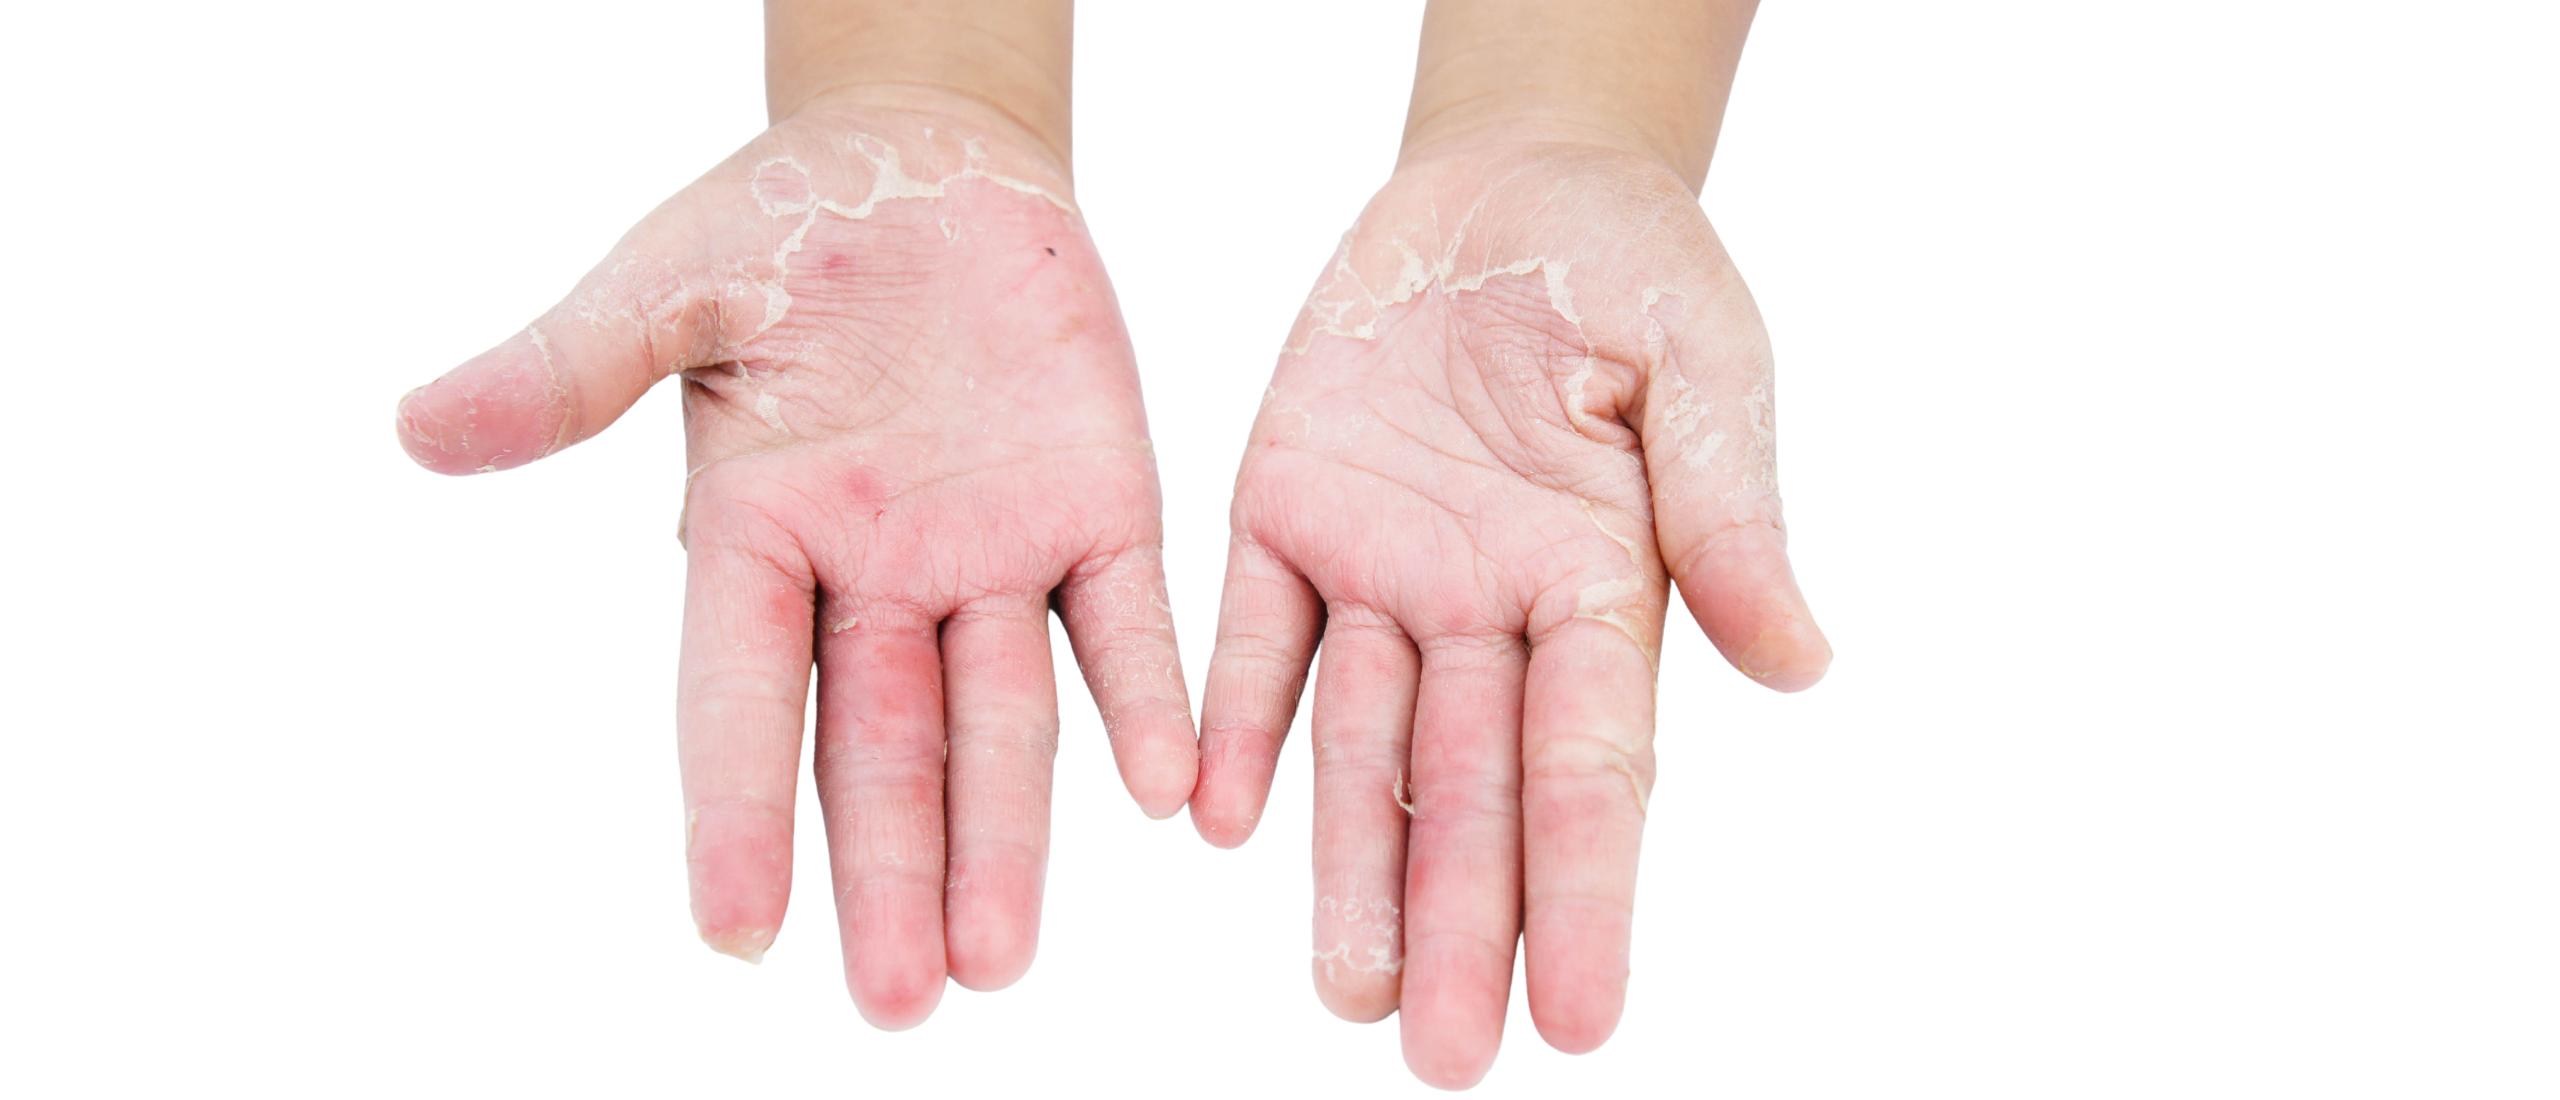 Handschimmel: rode vlekken op de handen met schilfers